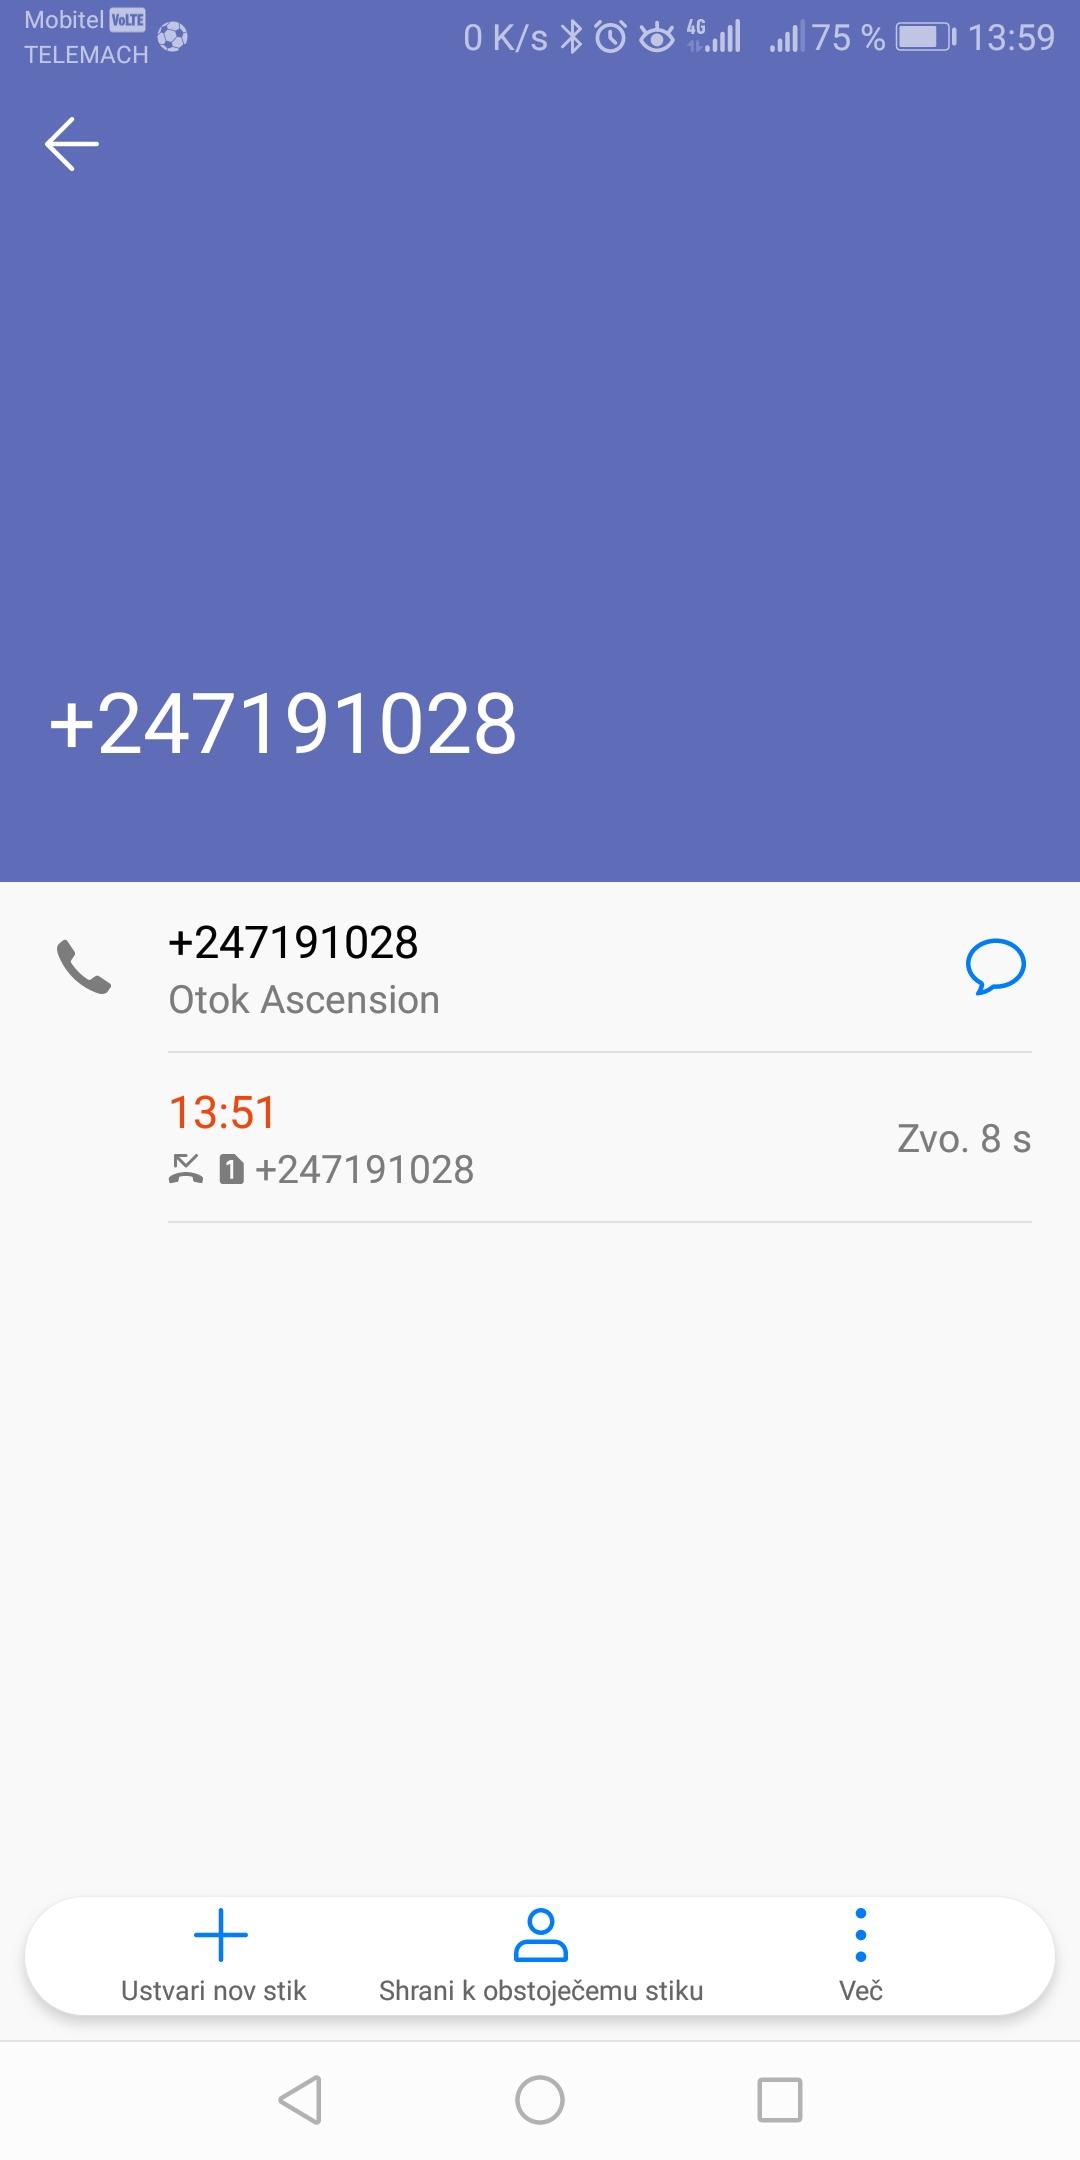 Screenshot_20180622-135906.jpg